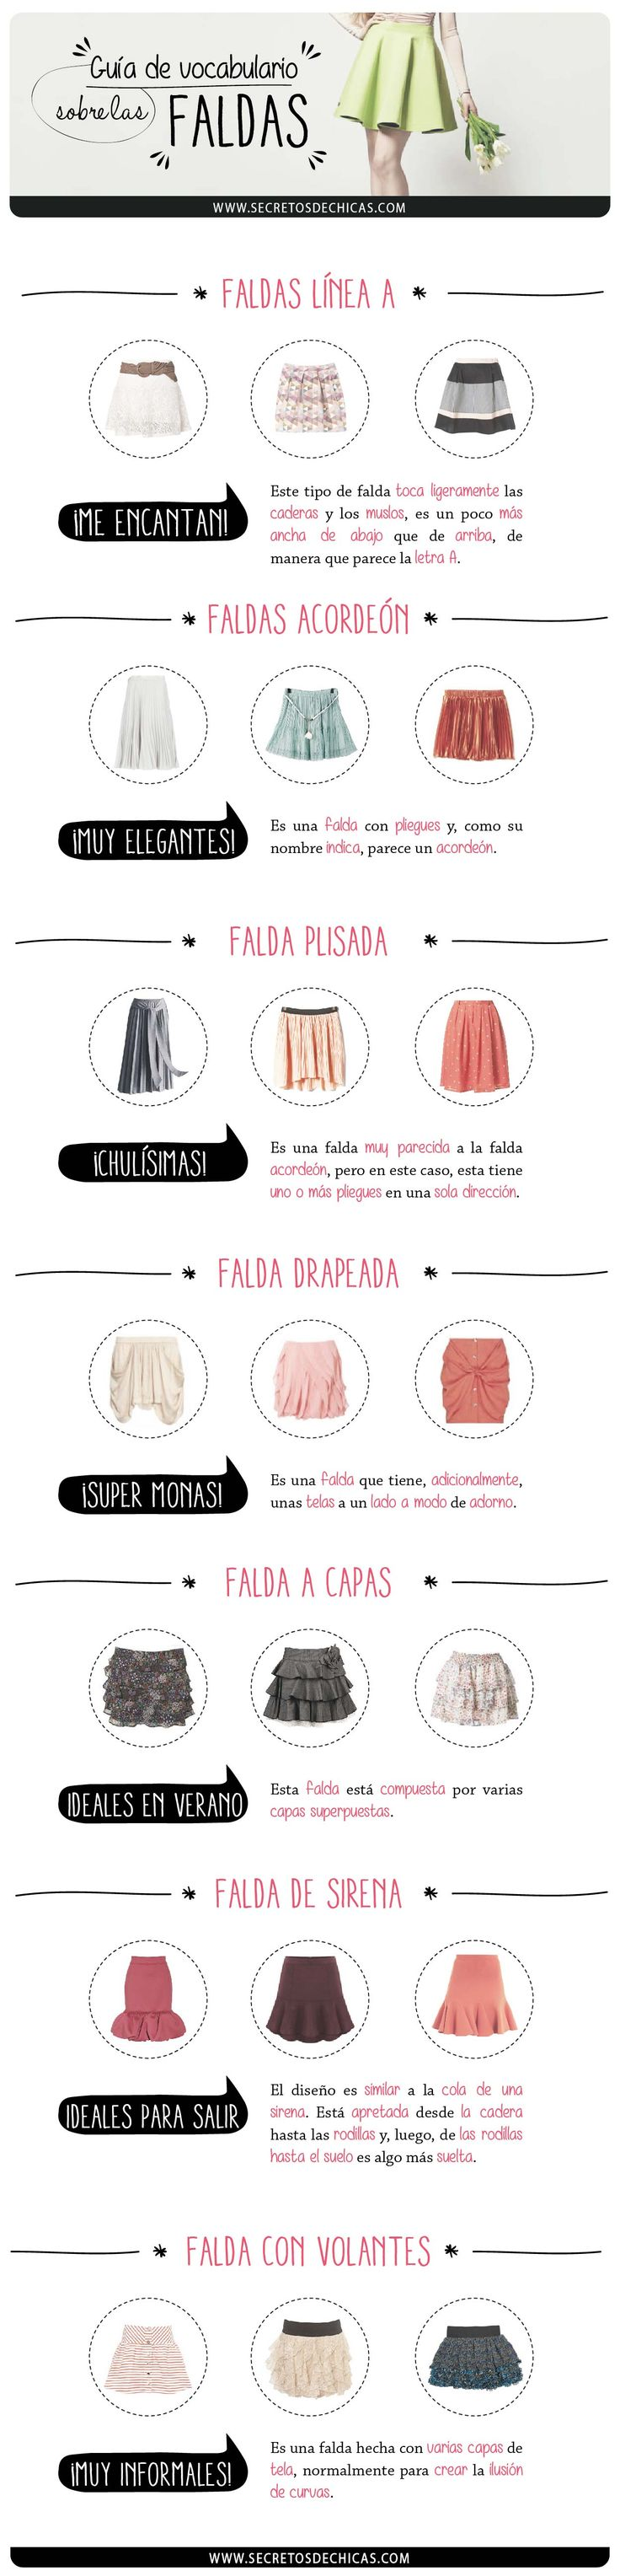 Guía de vocabulario sobre las faldas